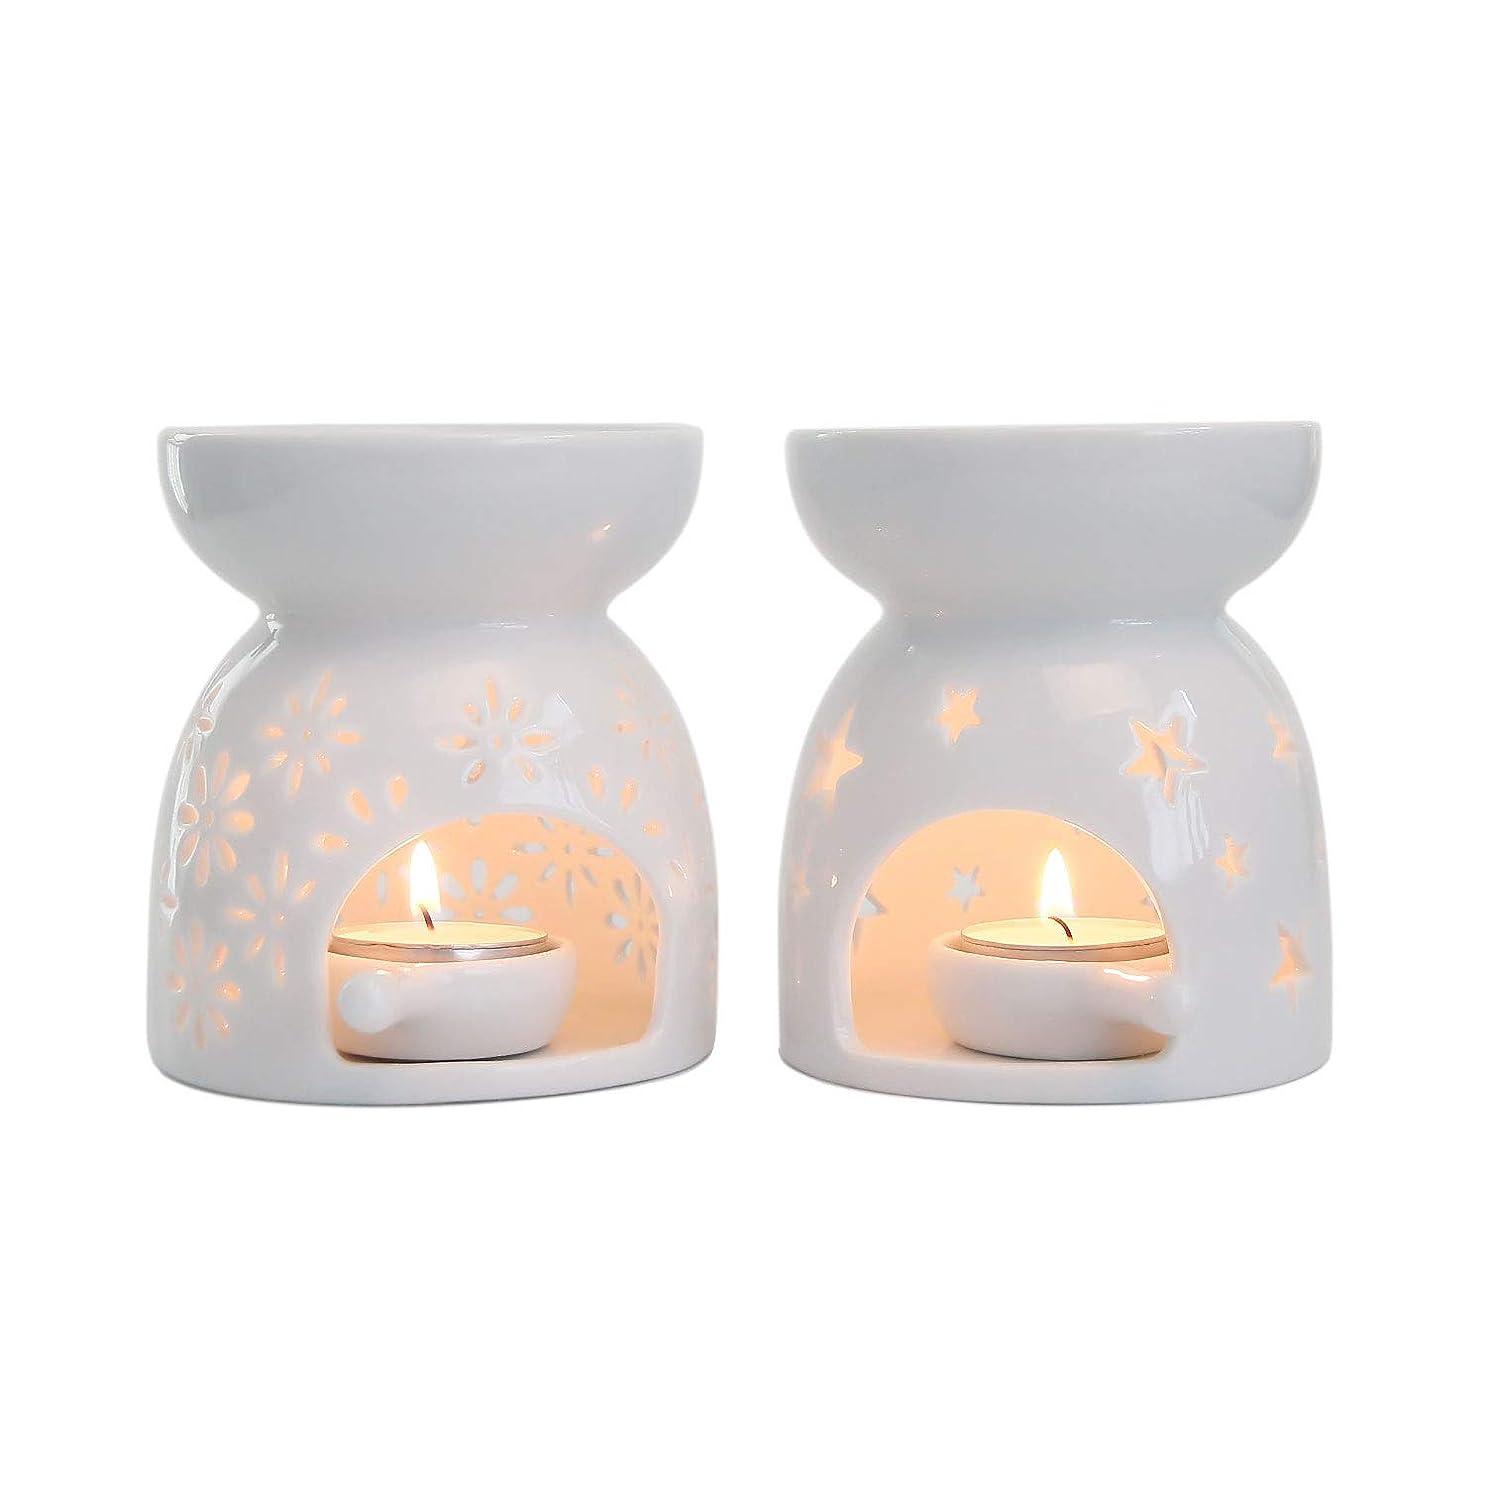 警察署サバントアンプRachel's Choice 陶製 アロマ ランプ ディフューザー アロマキャンドル キャンドルホルダー 花形&星形 ホワイト 2点セット